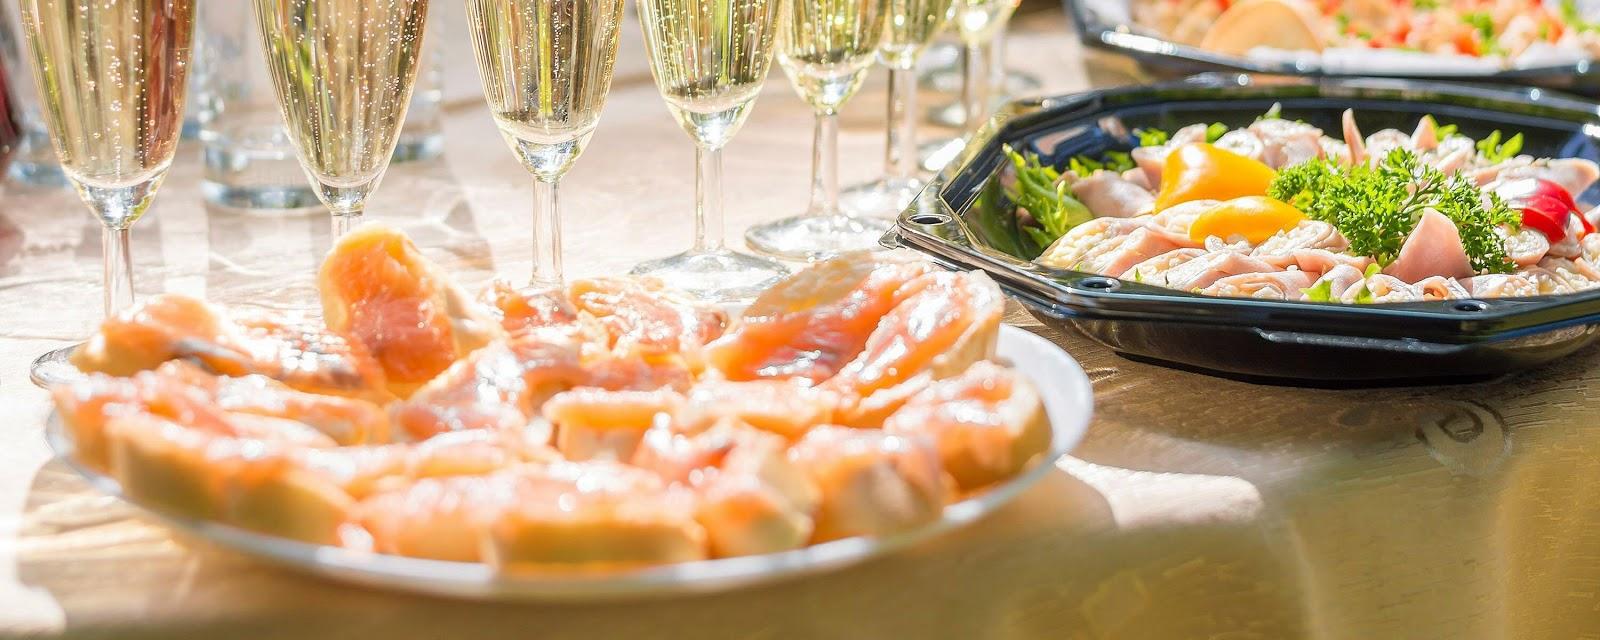 Comidas para casamento: confira 5 tendências para 2021